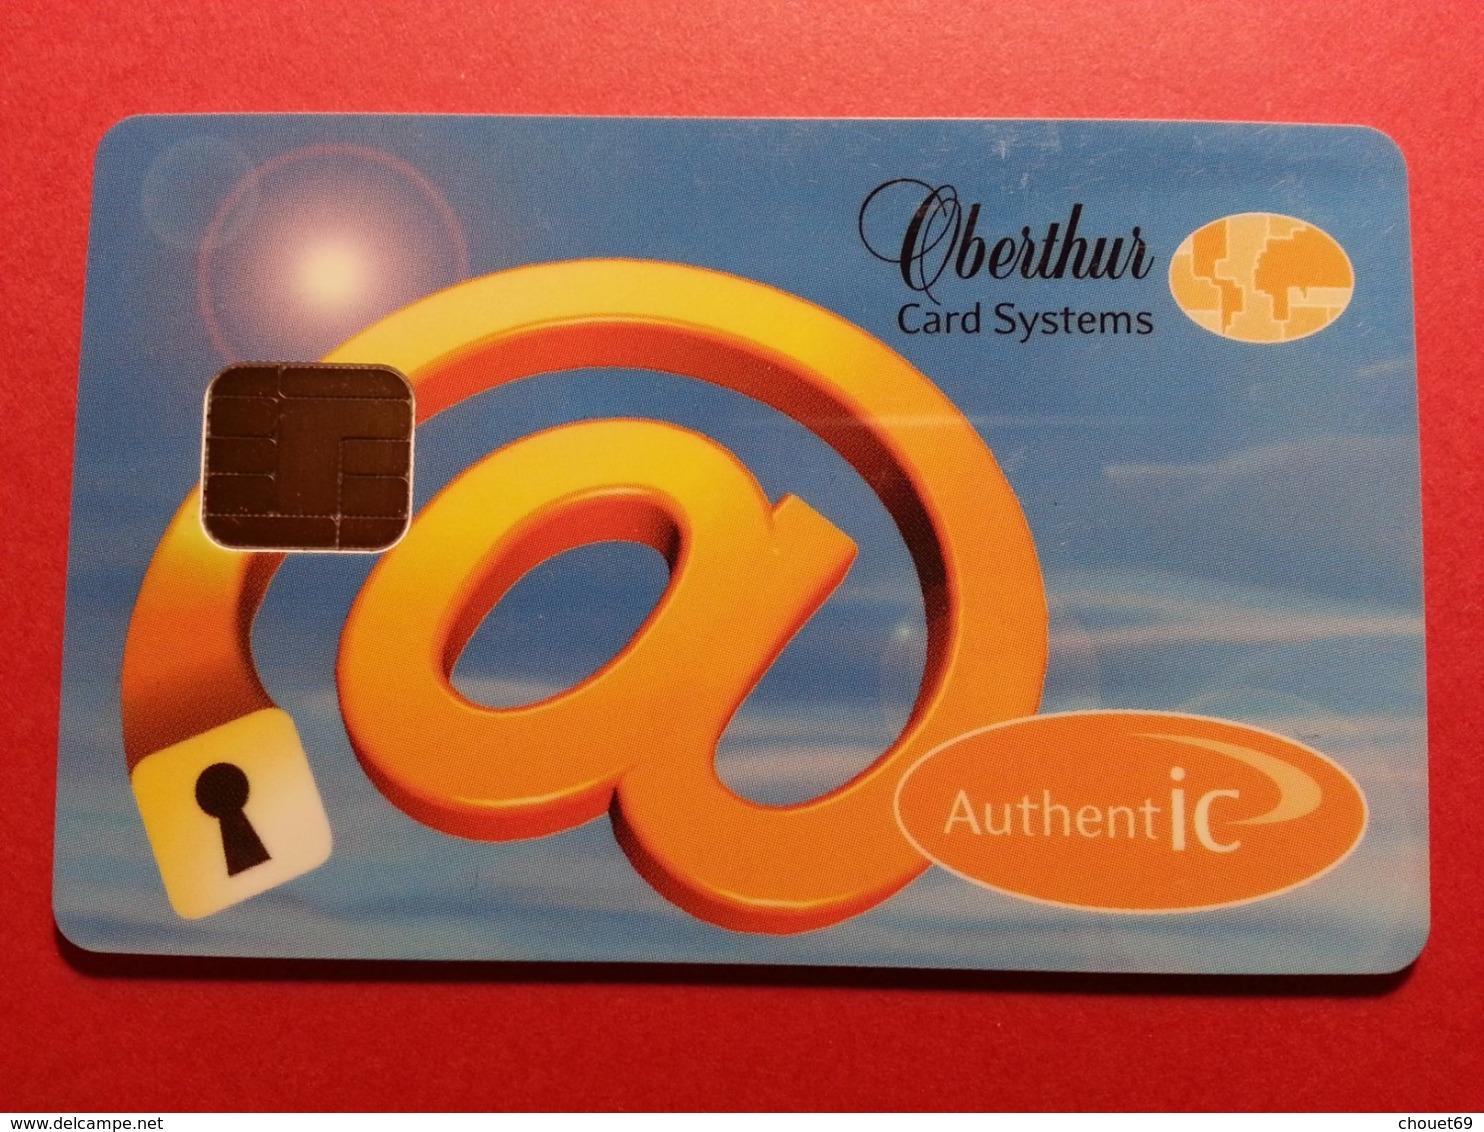 OBERTHUR DEMO TEST CARD AUTHENTIC AuthentIC Internet Smart (FB1217) - Herkunft Unbekannt